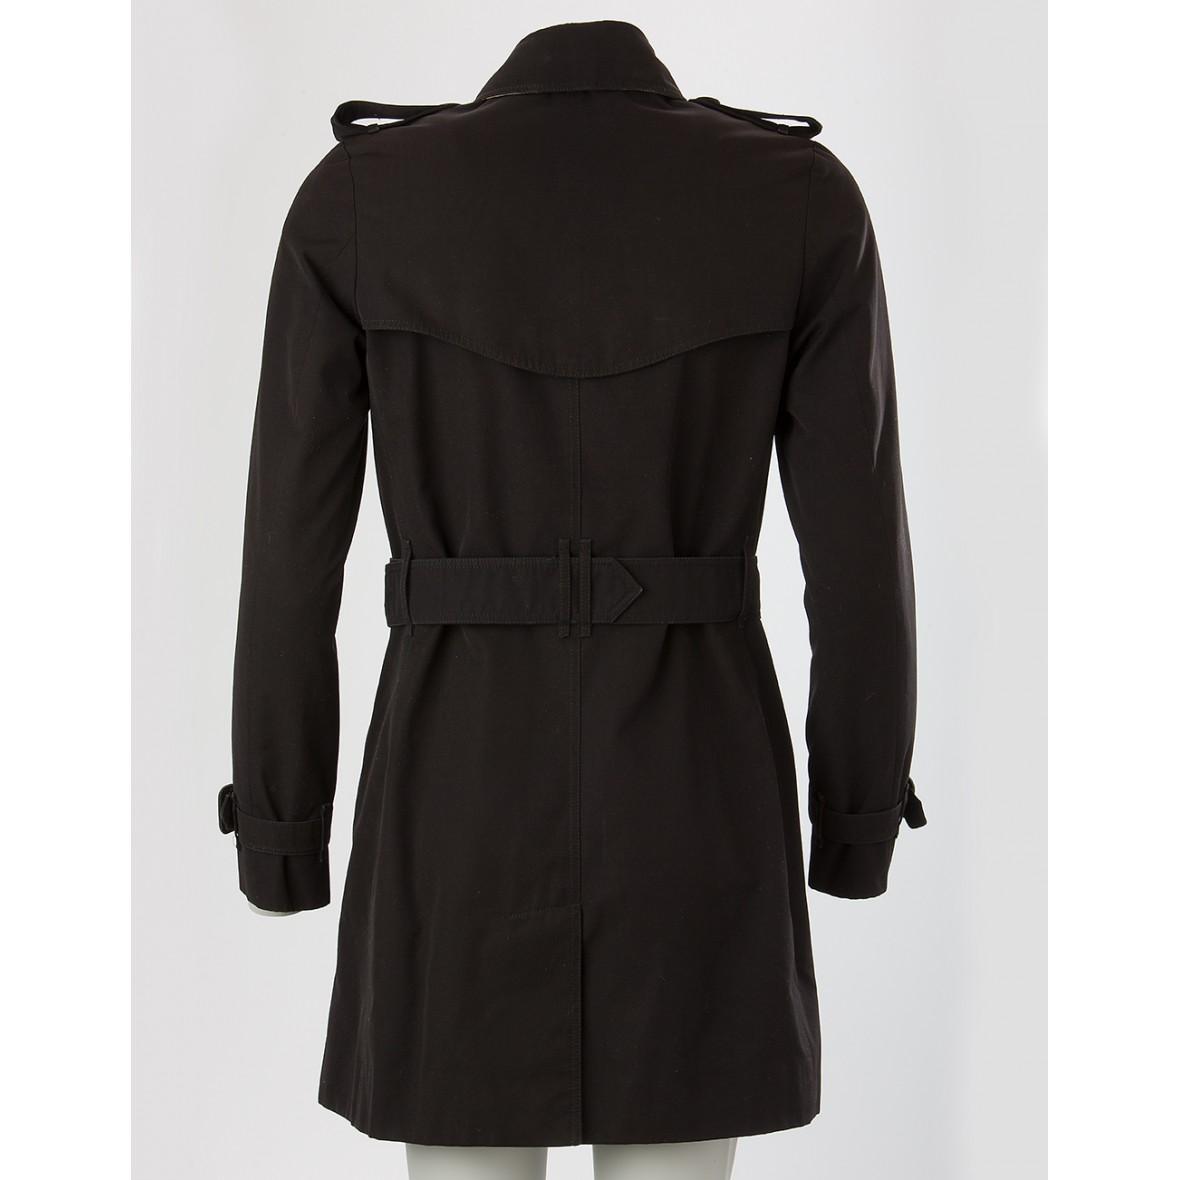 Burberry Trenchcoat schwarz  Burberry Trenchcoat schwarz  Burberry  Trenchcoat schwarz ... d50b2cef88